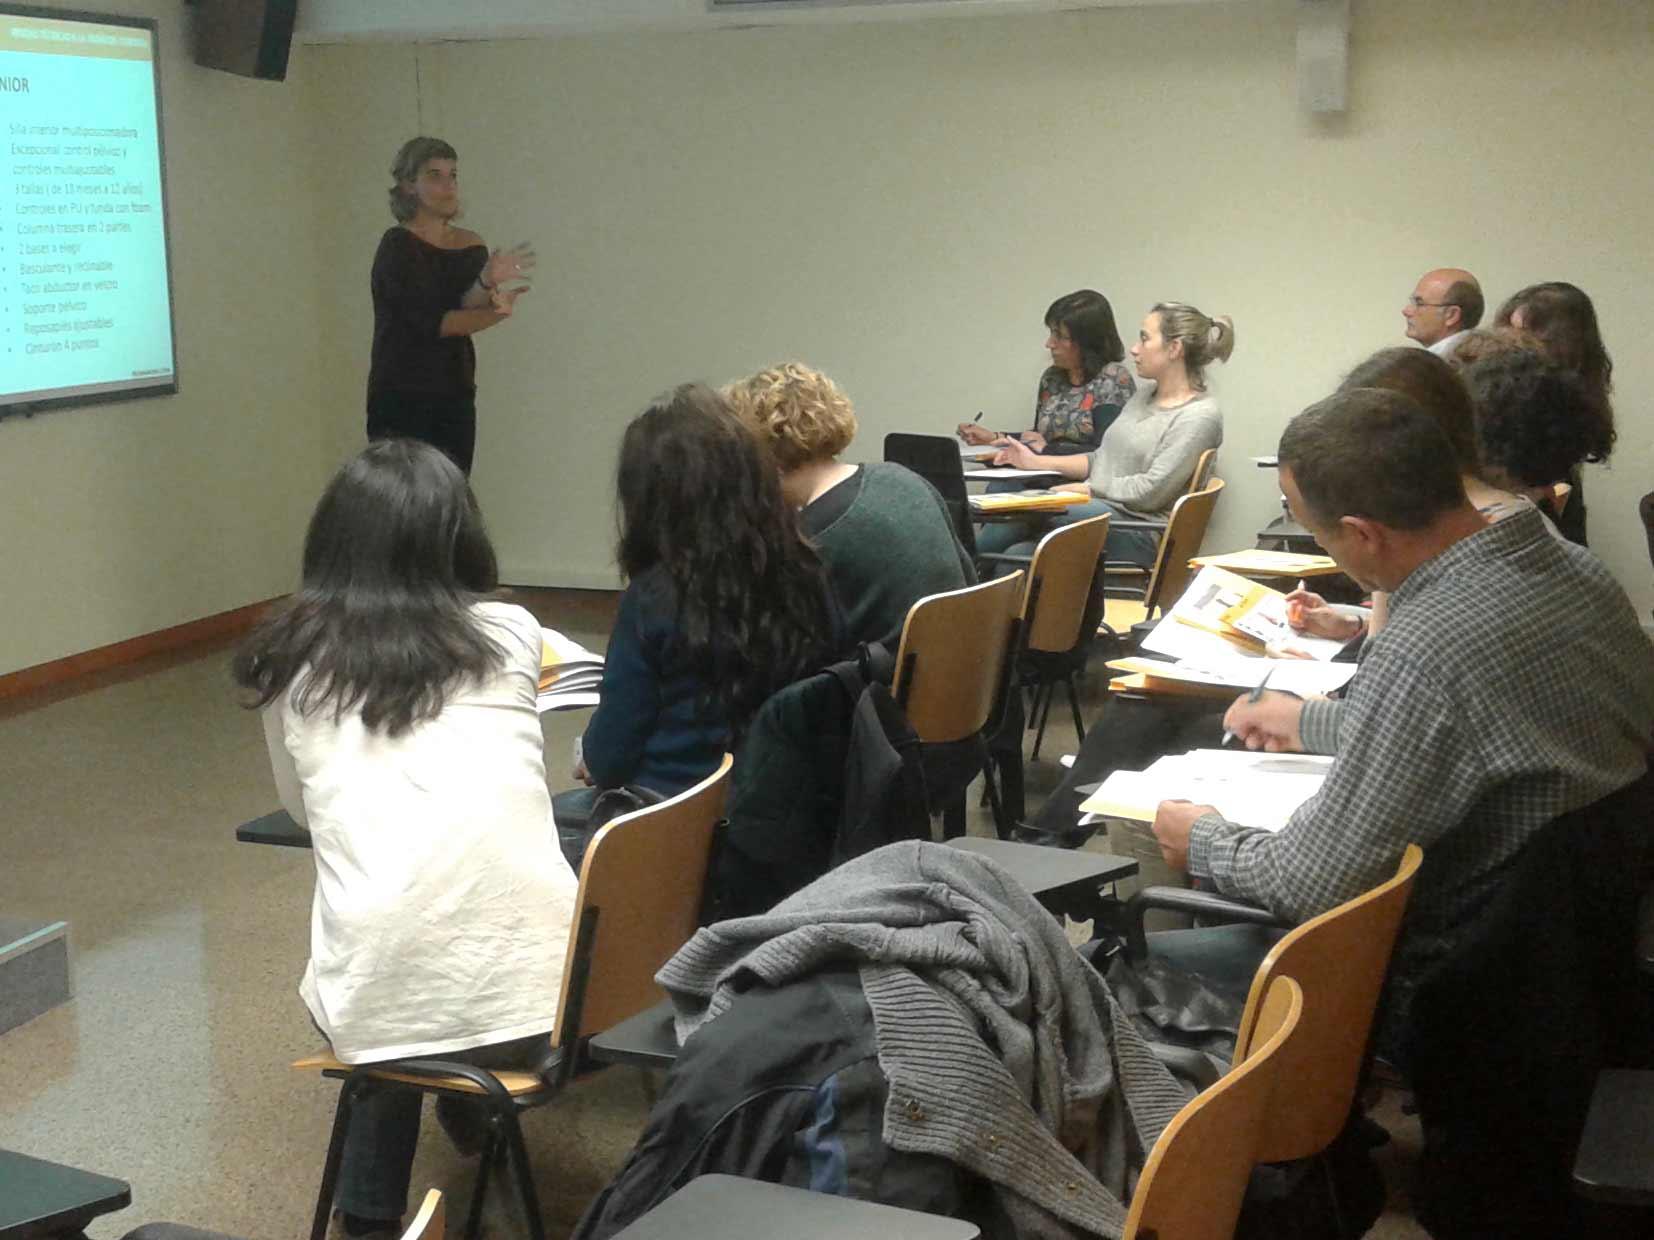 Presentación en el Departament d'Ensenyament de Barcelona